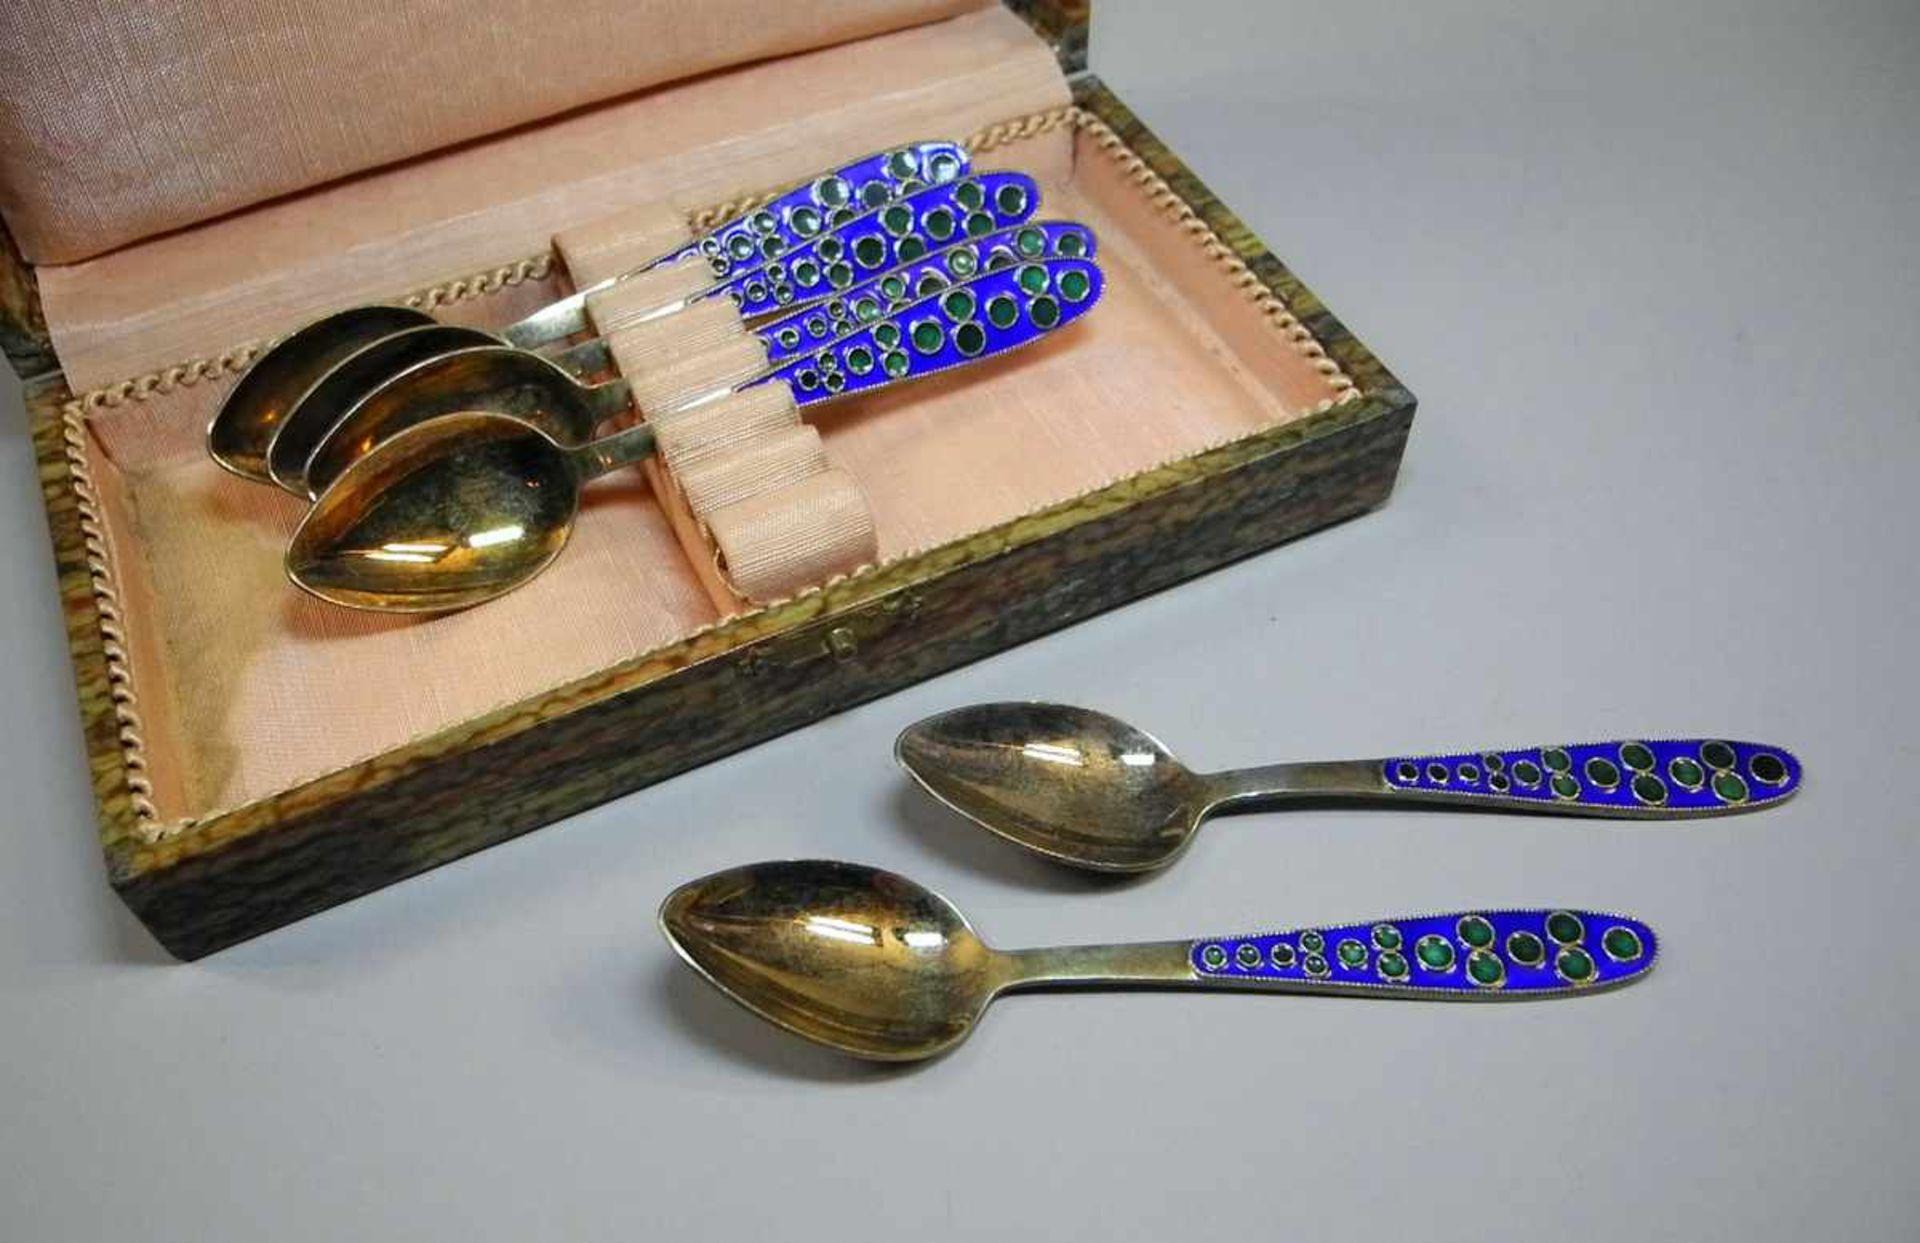 Los 14 - 6 hochwertige Silber-Emaille-LöffelSilber 916 vergoldet, jeweils rückseitig mit russischer